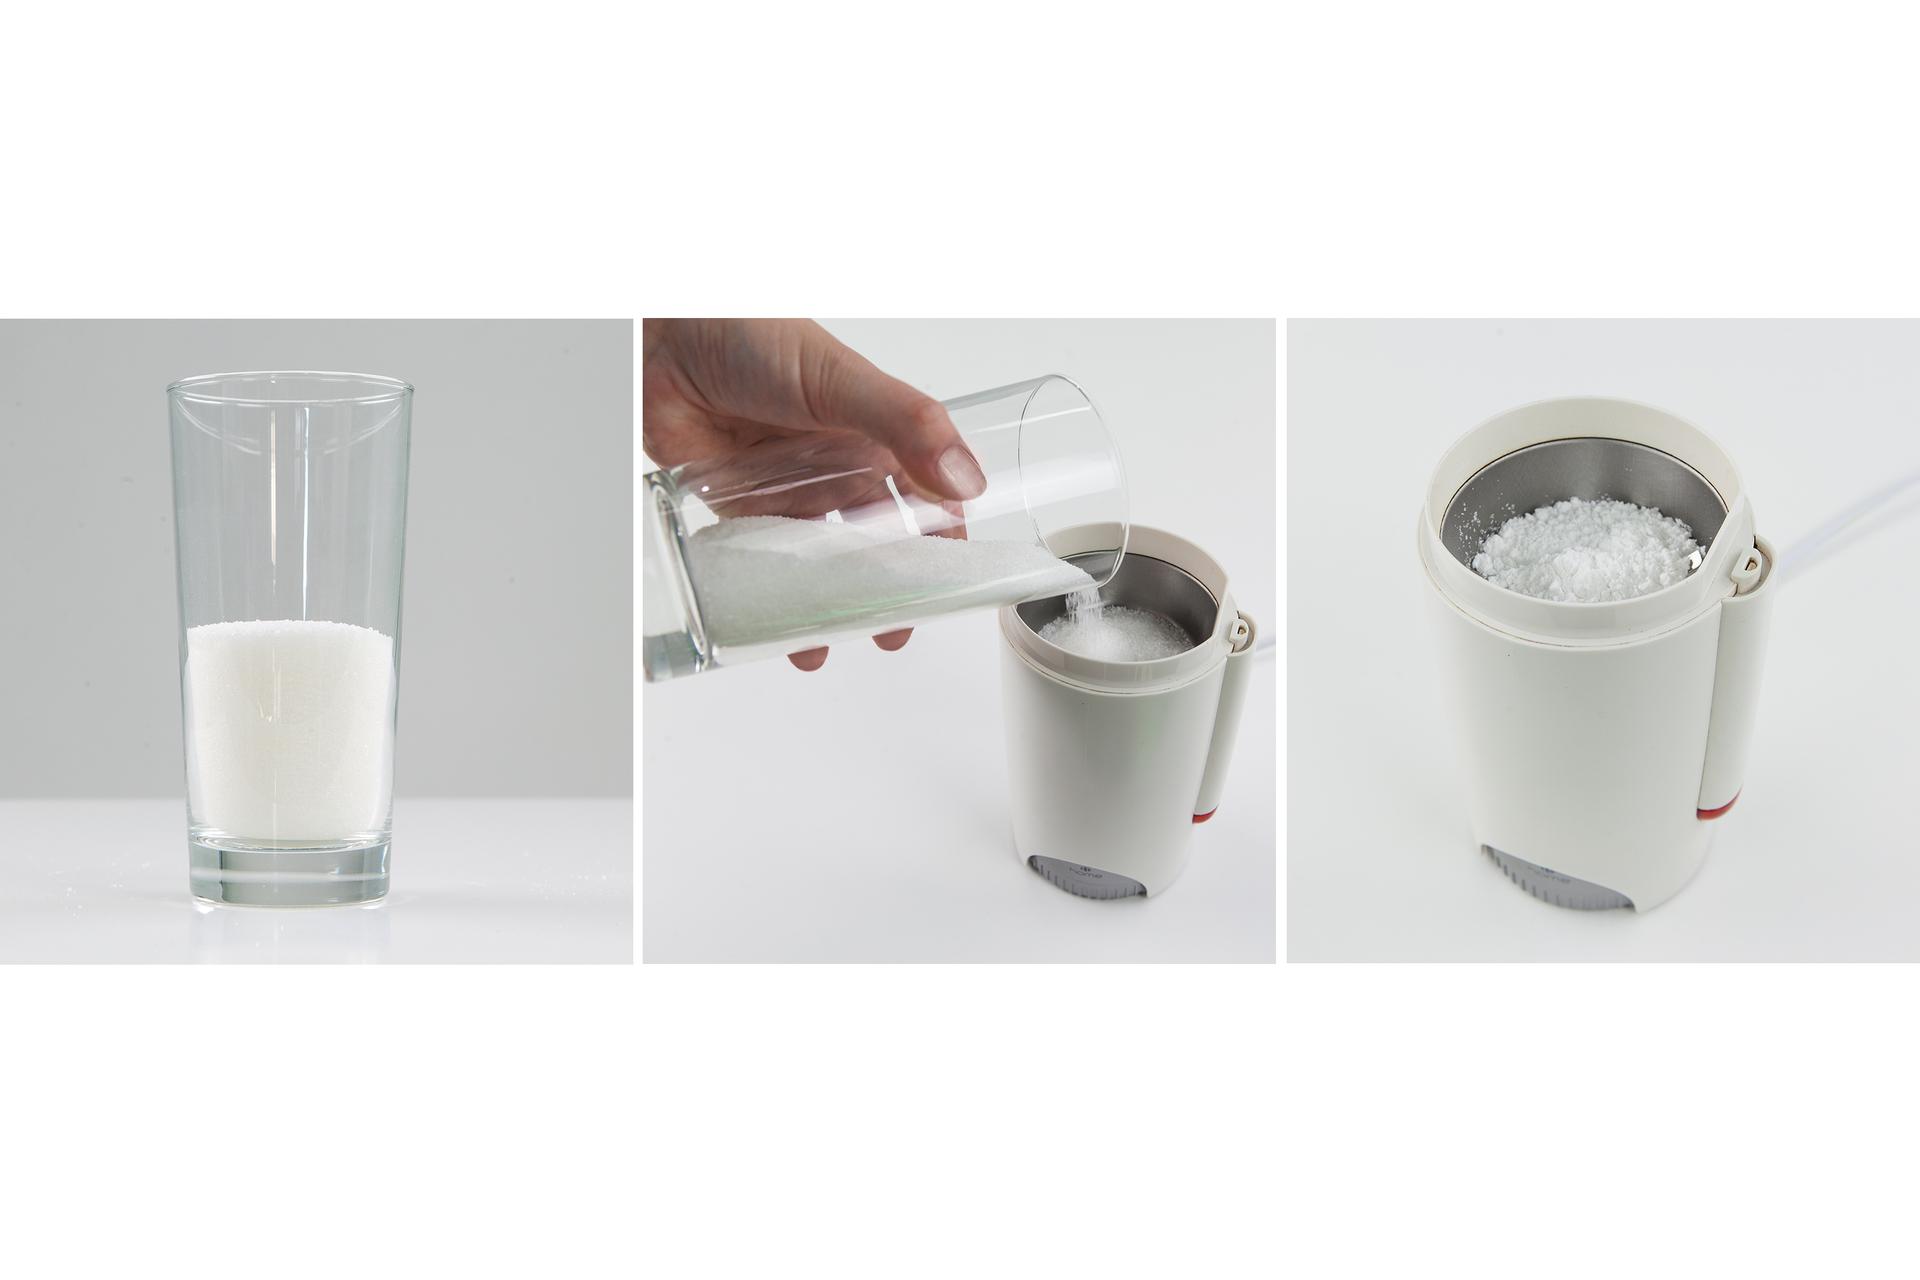 Ilustracja prezentuje trzy zdjęcia umieszczone obok siebie. Na pierwszym od lewej znajduje się szklanka stojąca na białym blacie wypełniona do połowy cukrem. Środkowe ilustruje przesypywanie tego cukru ze szklanki do młynka do kawy. Trzecie zdjęcie przedstawia ujęcie cukru pudru powstałego po zmieleniu kryształków.